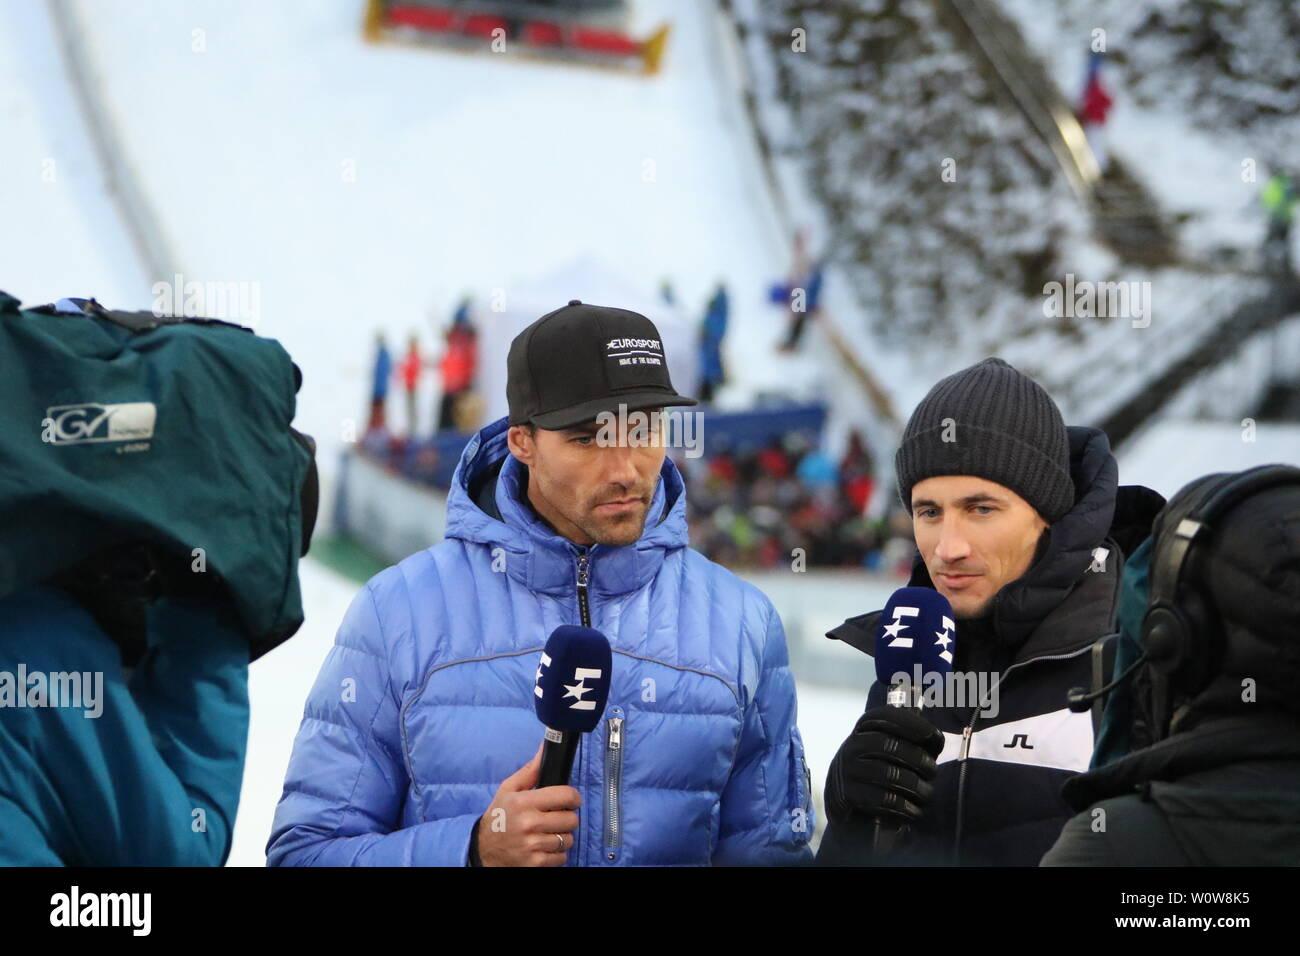 Experten unter sich v.li. Sven Hannawald (Ex-Skispringer, TV Experte, Eurosport, Skisprung-Experte, Vierfach-Tourneesieger, 2002) und Martin Schmitt (TV-Experte /Skisprung-Experte, Eurosport, Ex-Weltmeister) beim Auftaktspringen Vierschanzentournee 18-19 Oberstdorf Stock Photo